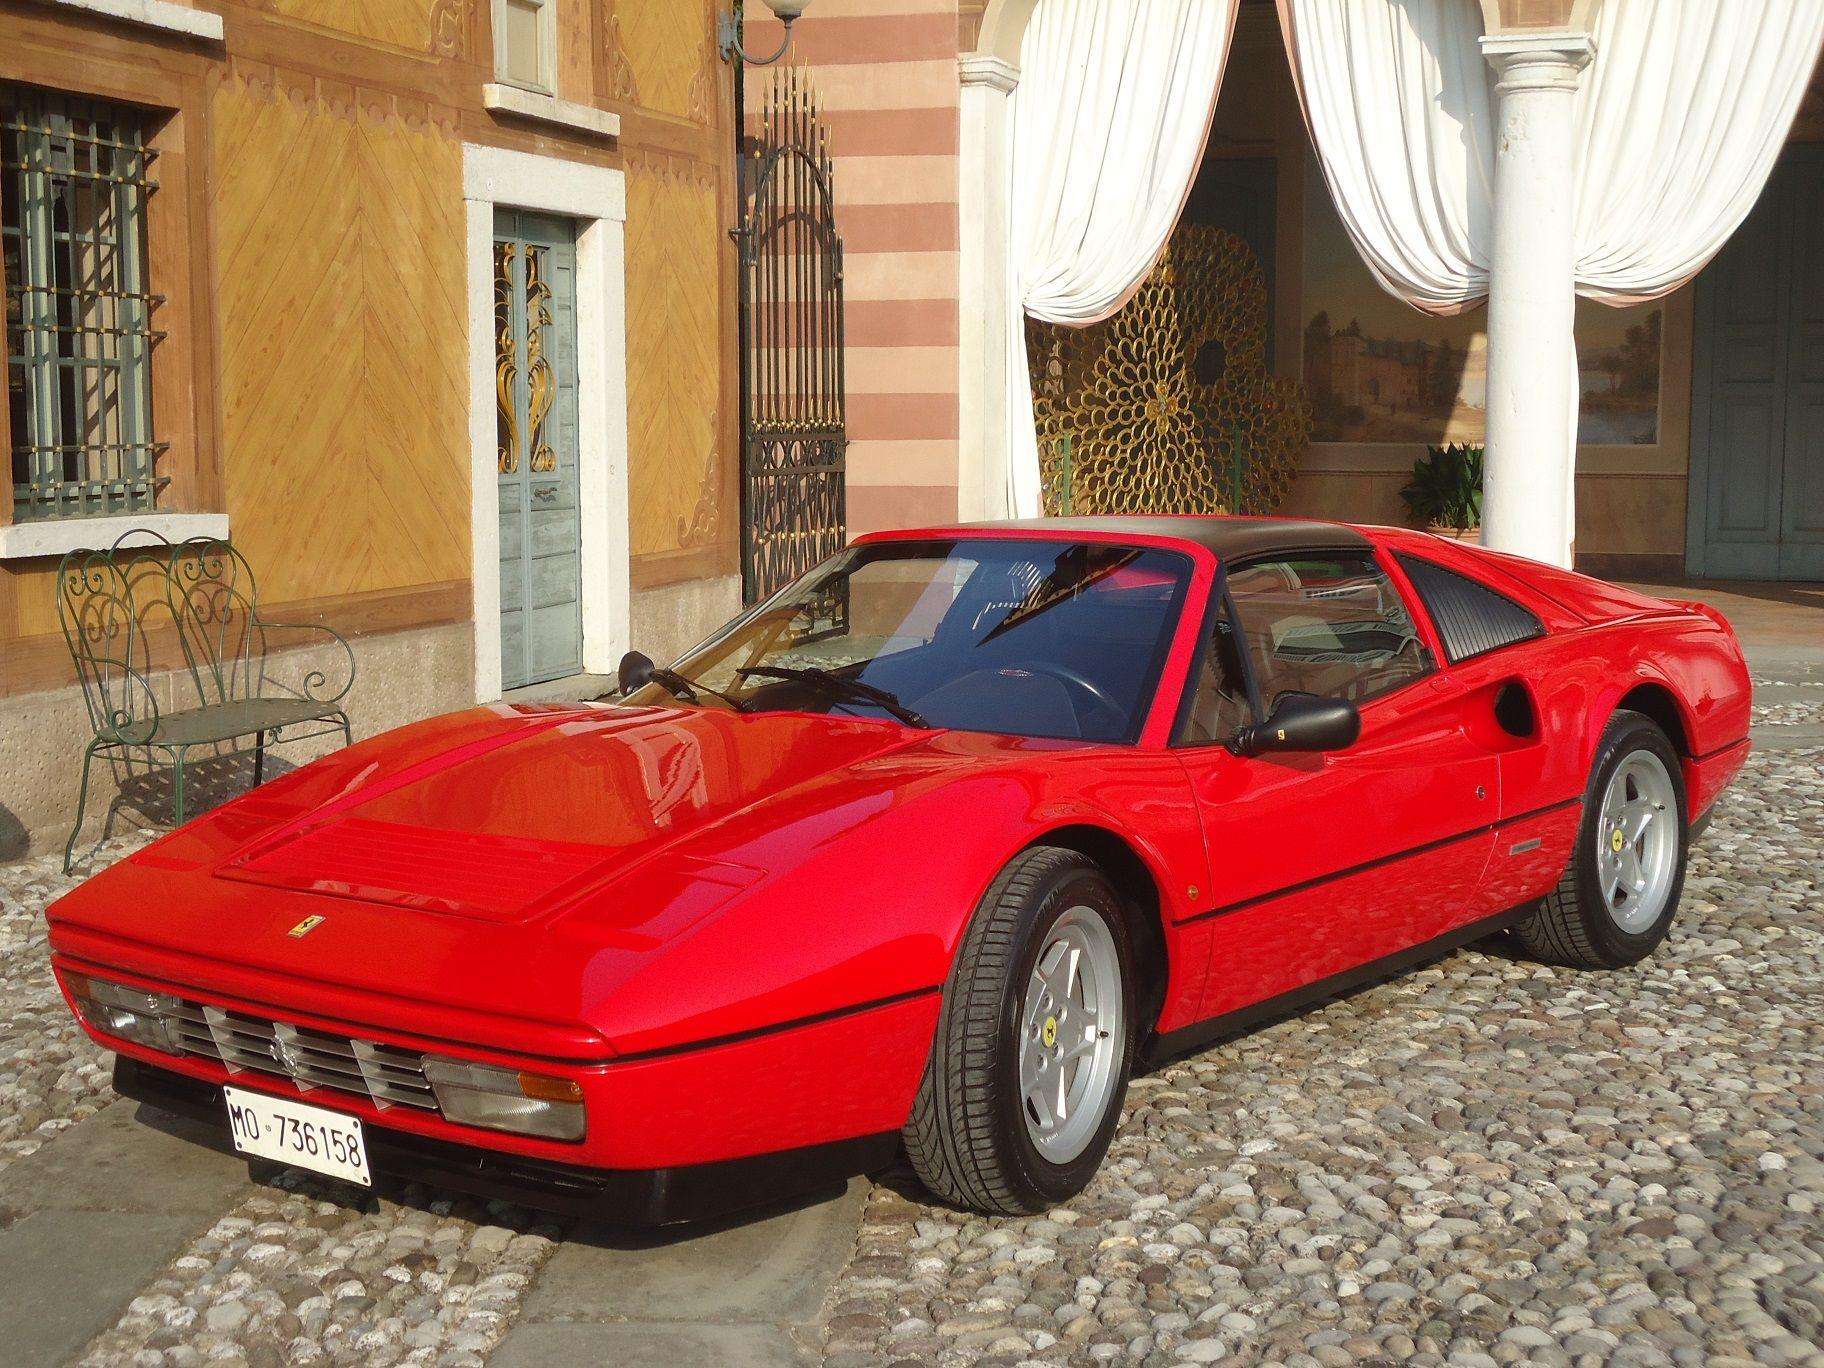 328 Gts Targhe Modena Certificata Ferrari Classiche